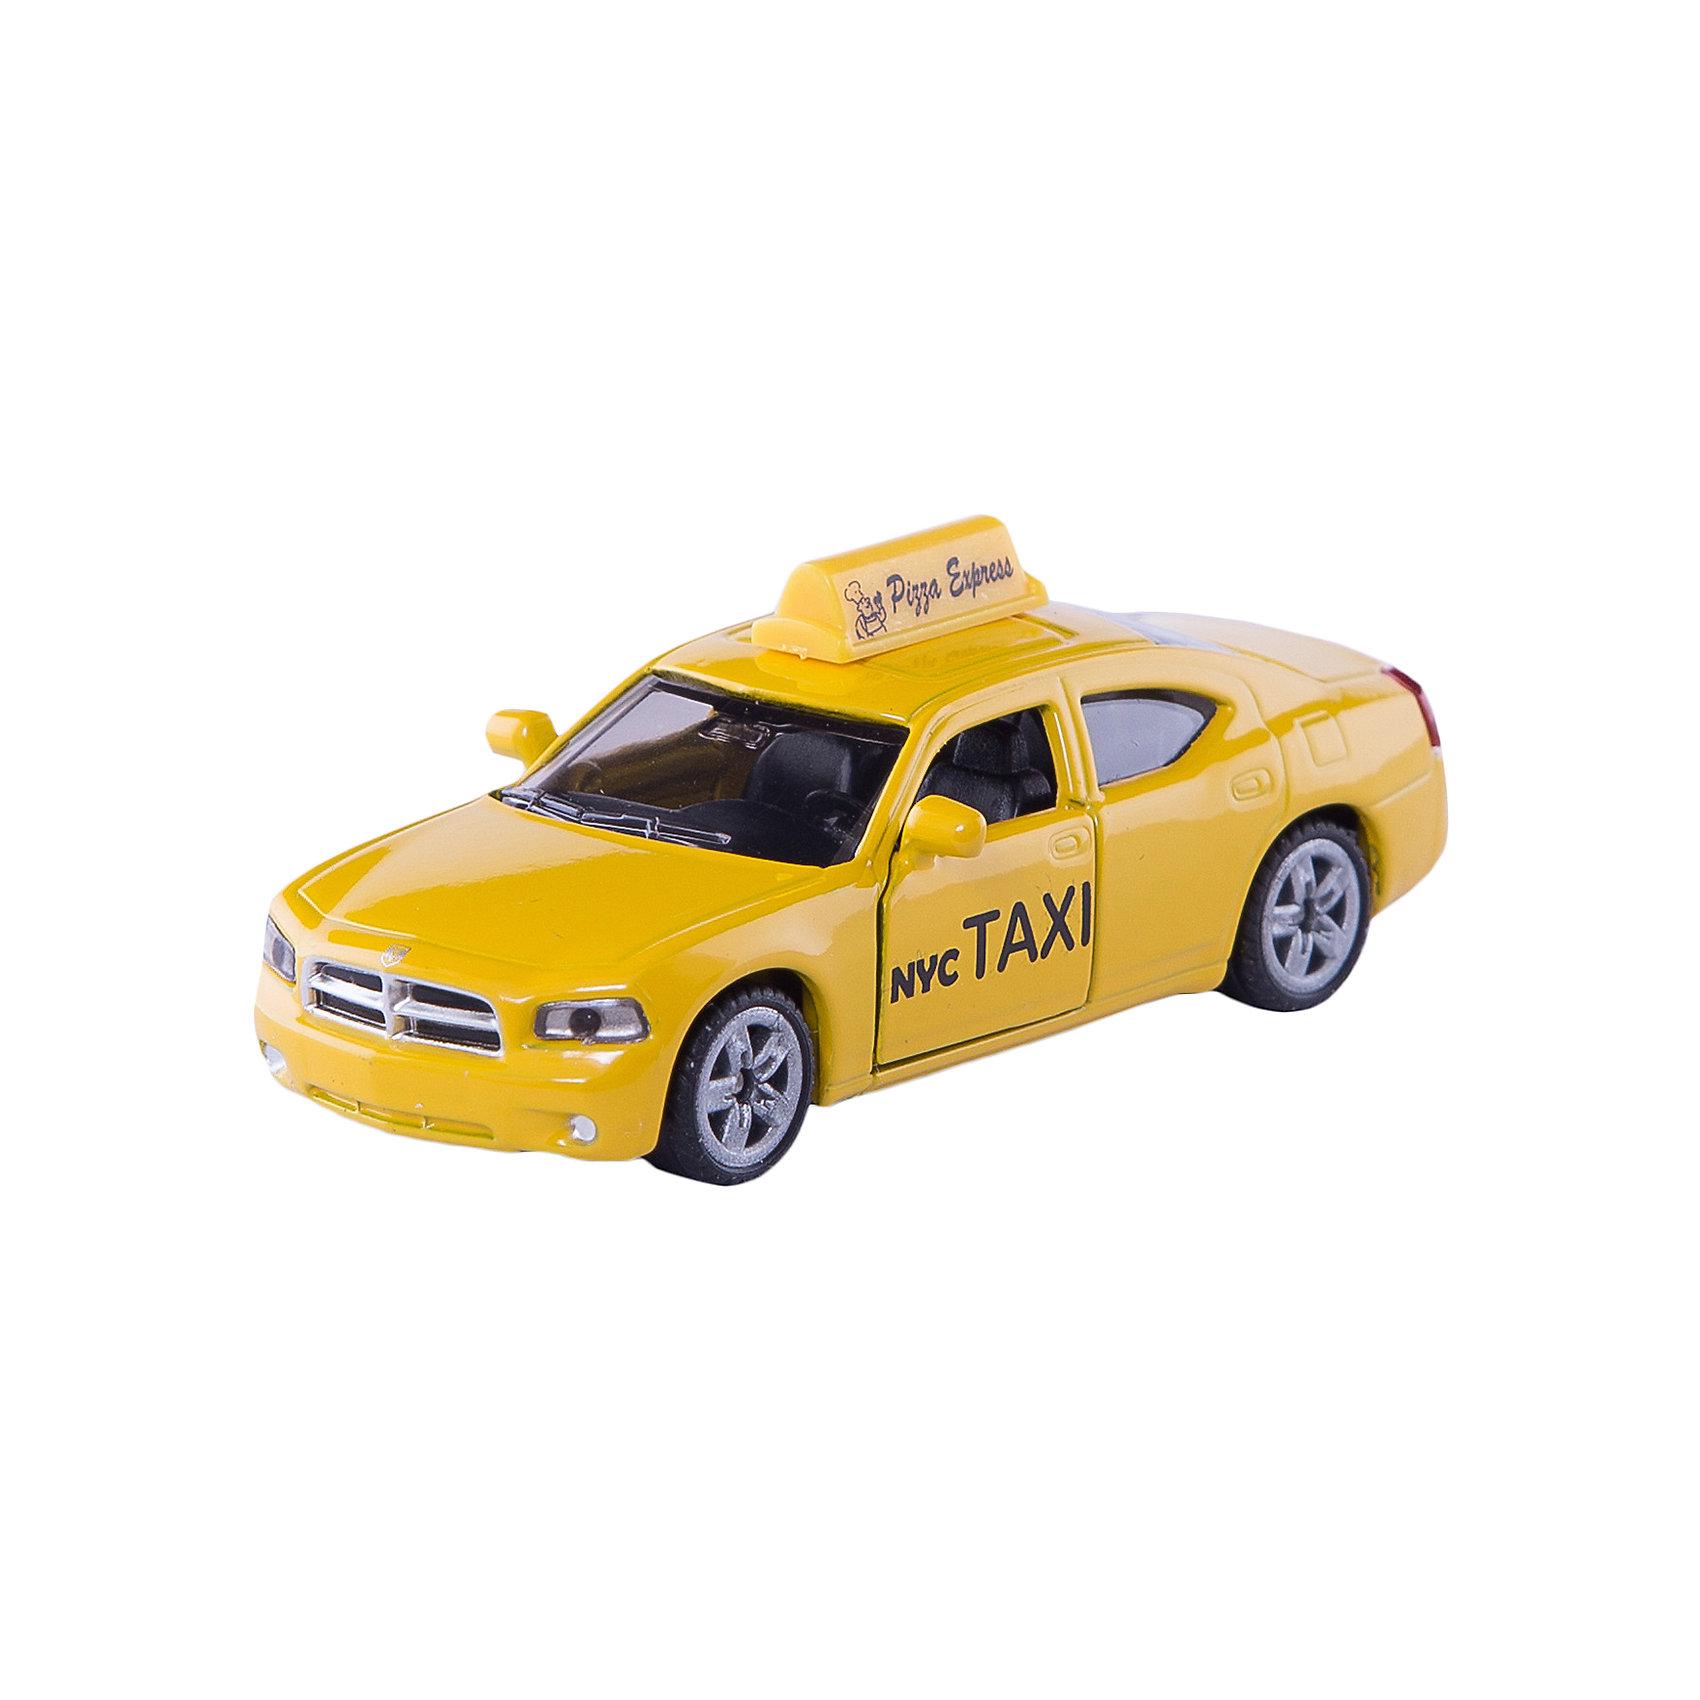 SIKU 1490 Американское таксиМашинки<br>SIKU (СИКУ) 1490 Американское такси-это знаменитый нью-йоркский желтый кеб на базе современного Dogde Charger.<br><br>Корпус автомобиля выполнен из металла, лобовое и заднее стёкла из прозрачной тонированной пластмассы, передние двери открываются, колёса выполнены из резины и вращаются, можно катать.<br><br>Дополнительная информация:<br>-Размеры 8,4х4х3,2 см<br>-Материал: металл с элементами пластмассы<br><br>Масштабная модель Нью-Йоркского такси, станет прекрасным дополнением вашей коллекции.<br><br>SIKU (СИКУ) 1490 Американское такси можно купить в нашем магазине.<br><br>Ширина мм: 95<br>Глубина мм: 78<br>Высота мм: 35<br>Вес г: 73<br>Возраст от месяцев: 36<br>Возраст до месяцев: 96<br>Пол: Мужской<br>Возраст: Детский<br>SKU: 1999734